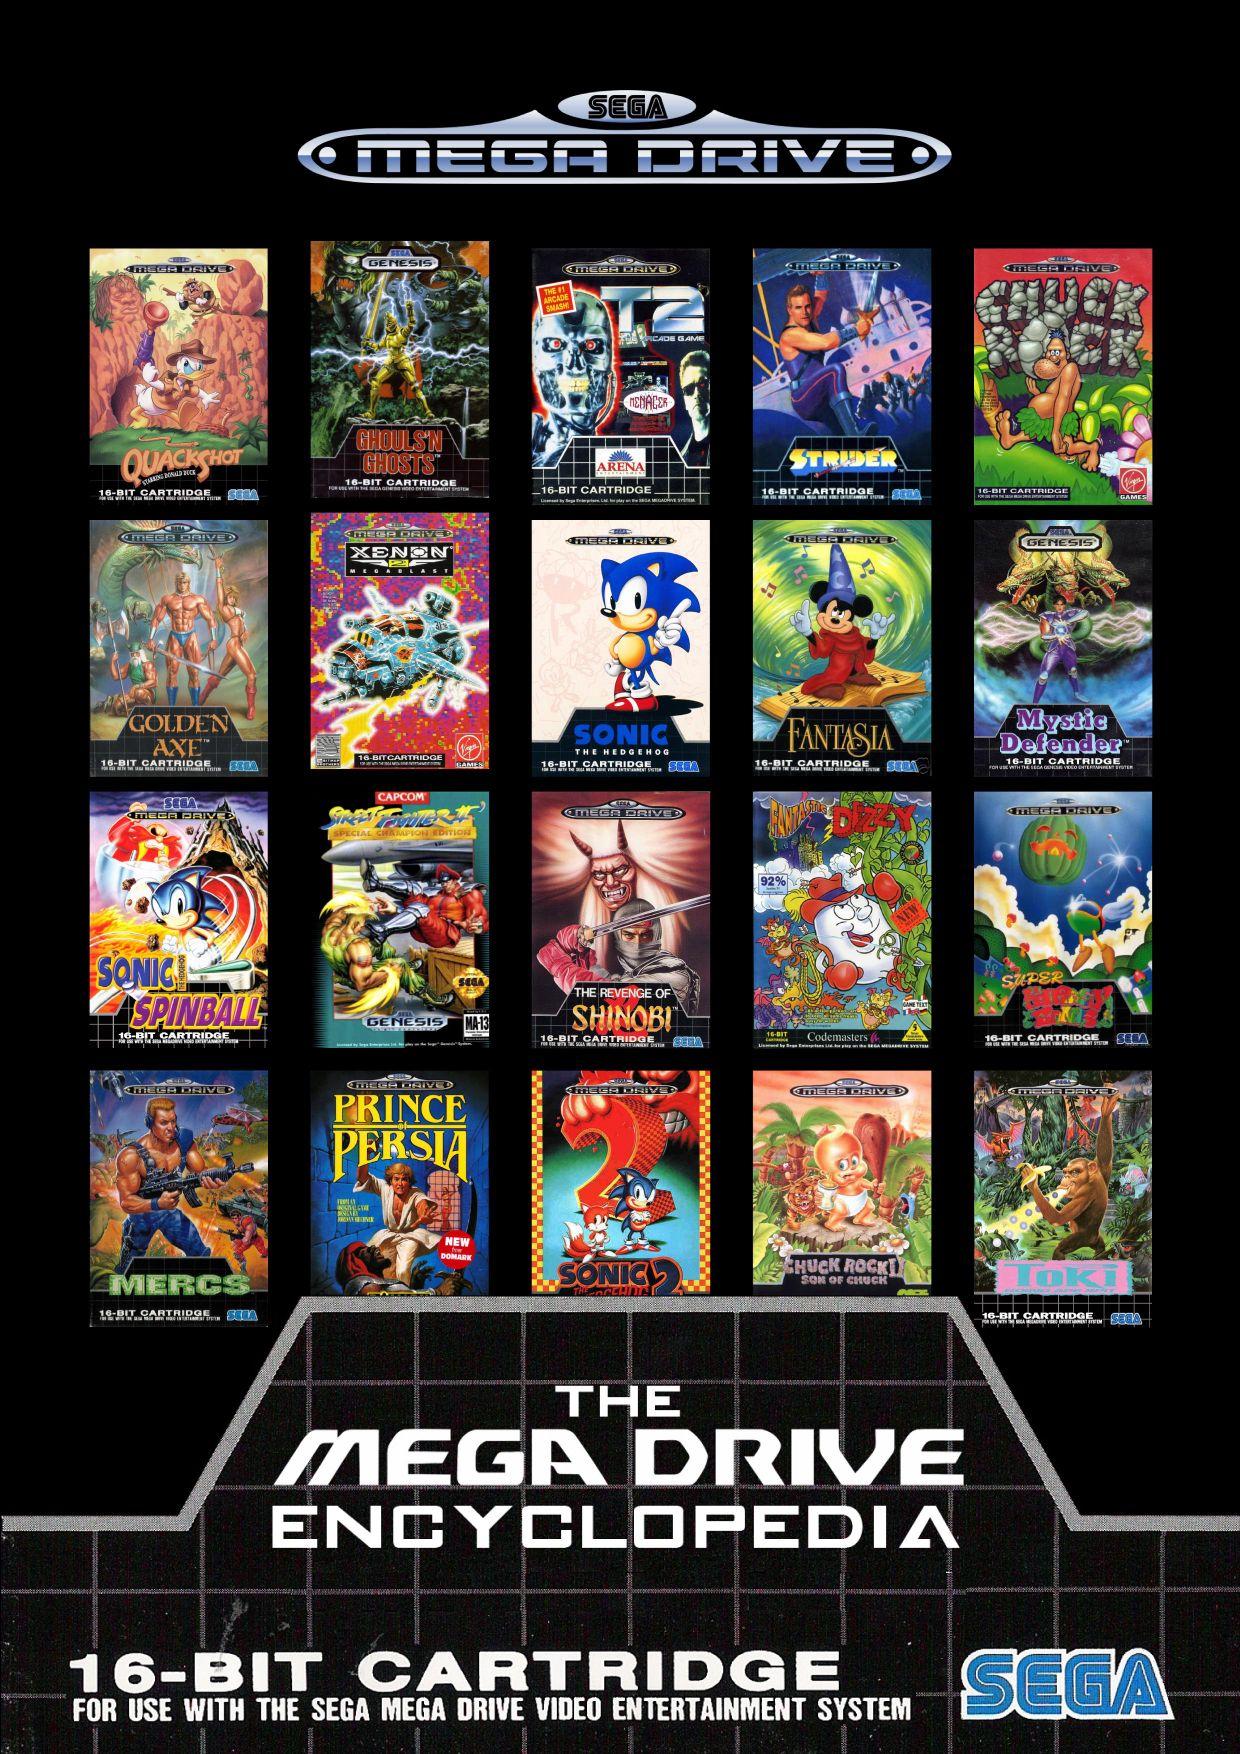 18+ Gamingowych Encyklopedii ( Sega Mega Drive, PlayStation 2, NES, Master System, SNES i więcej ) do pobrania w Pdf